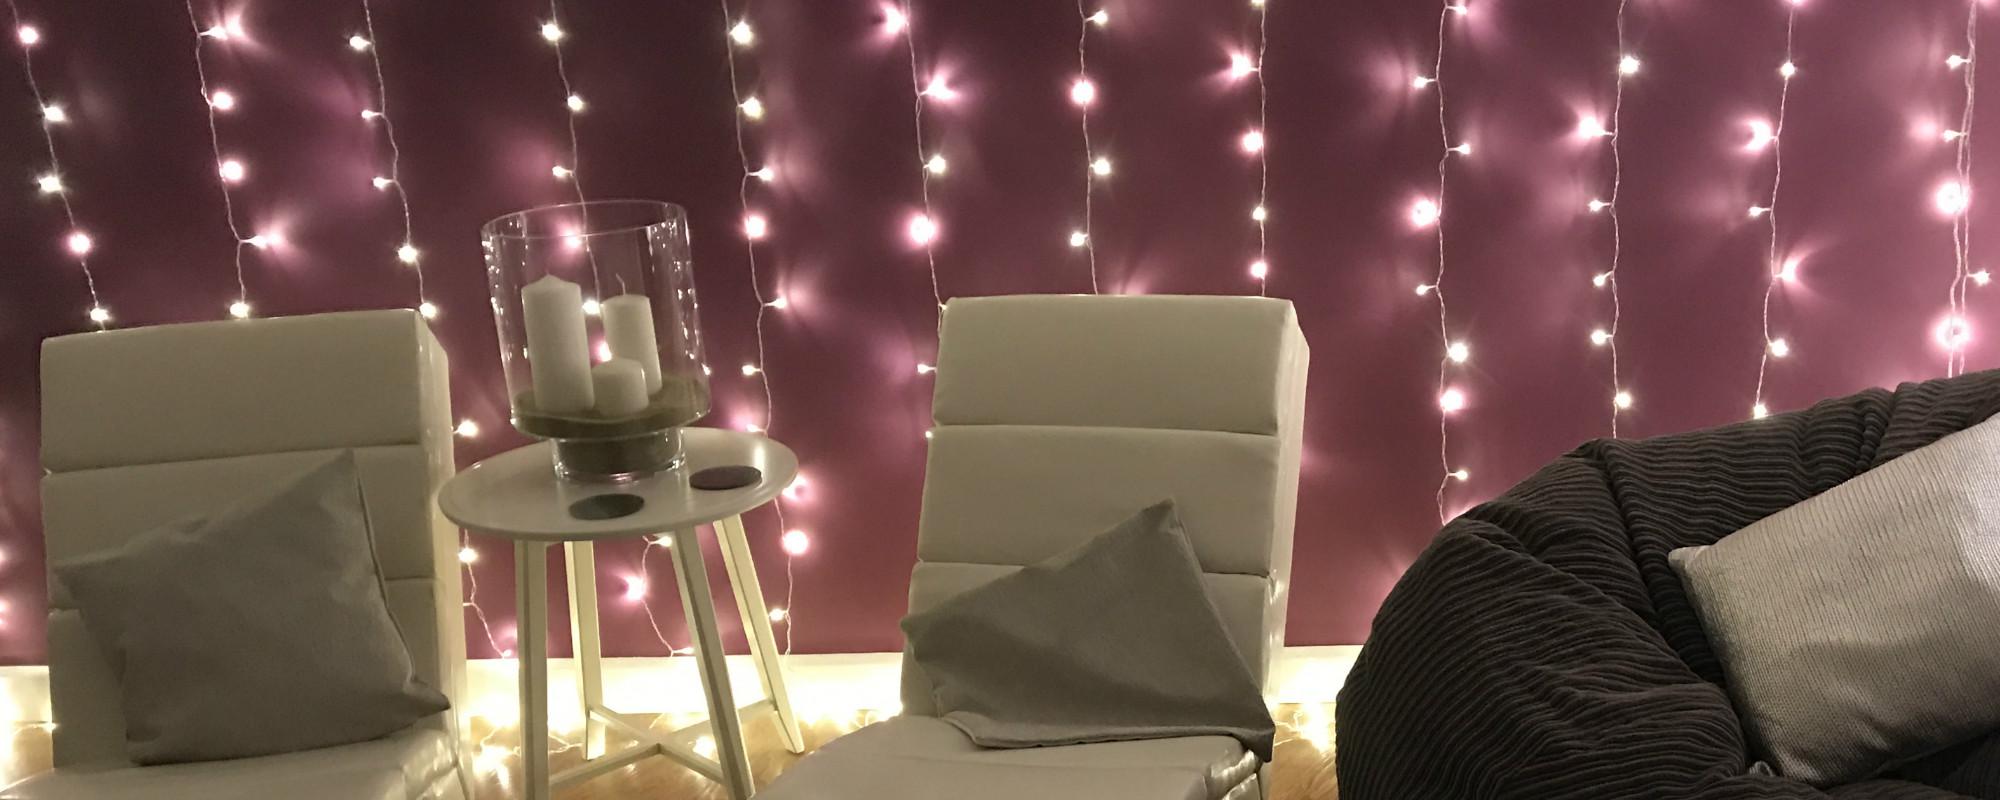 Crantock Bay relaxation room - Crantock Bay Spa